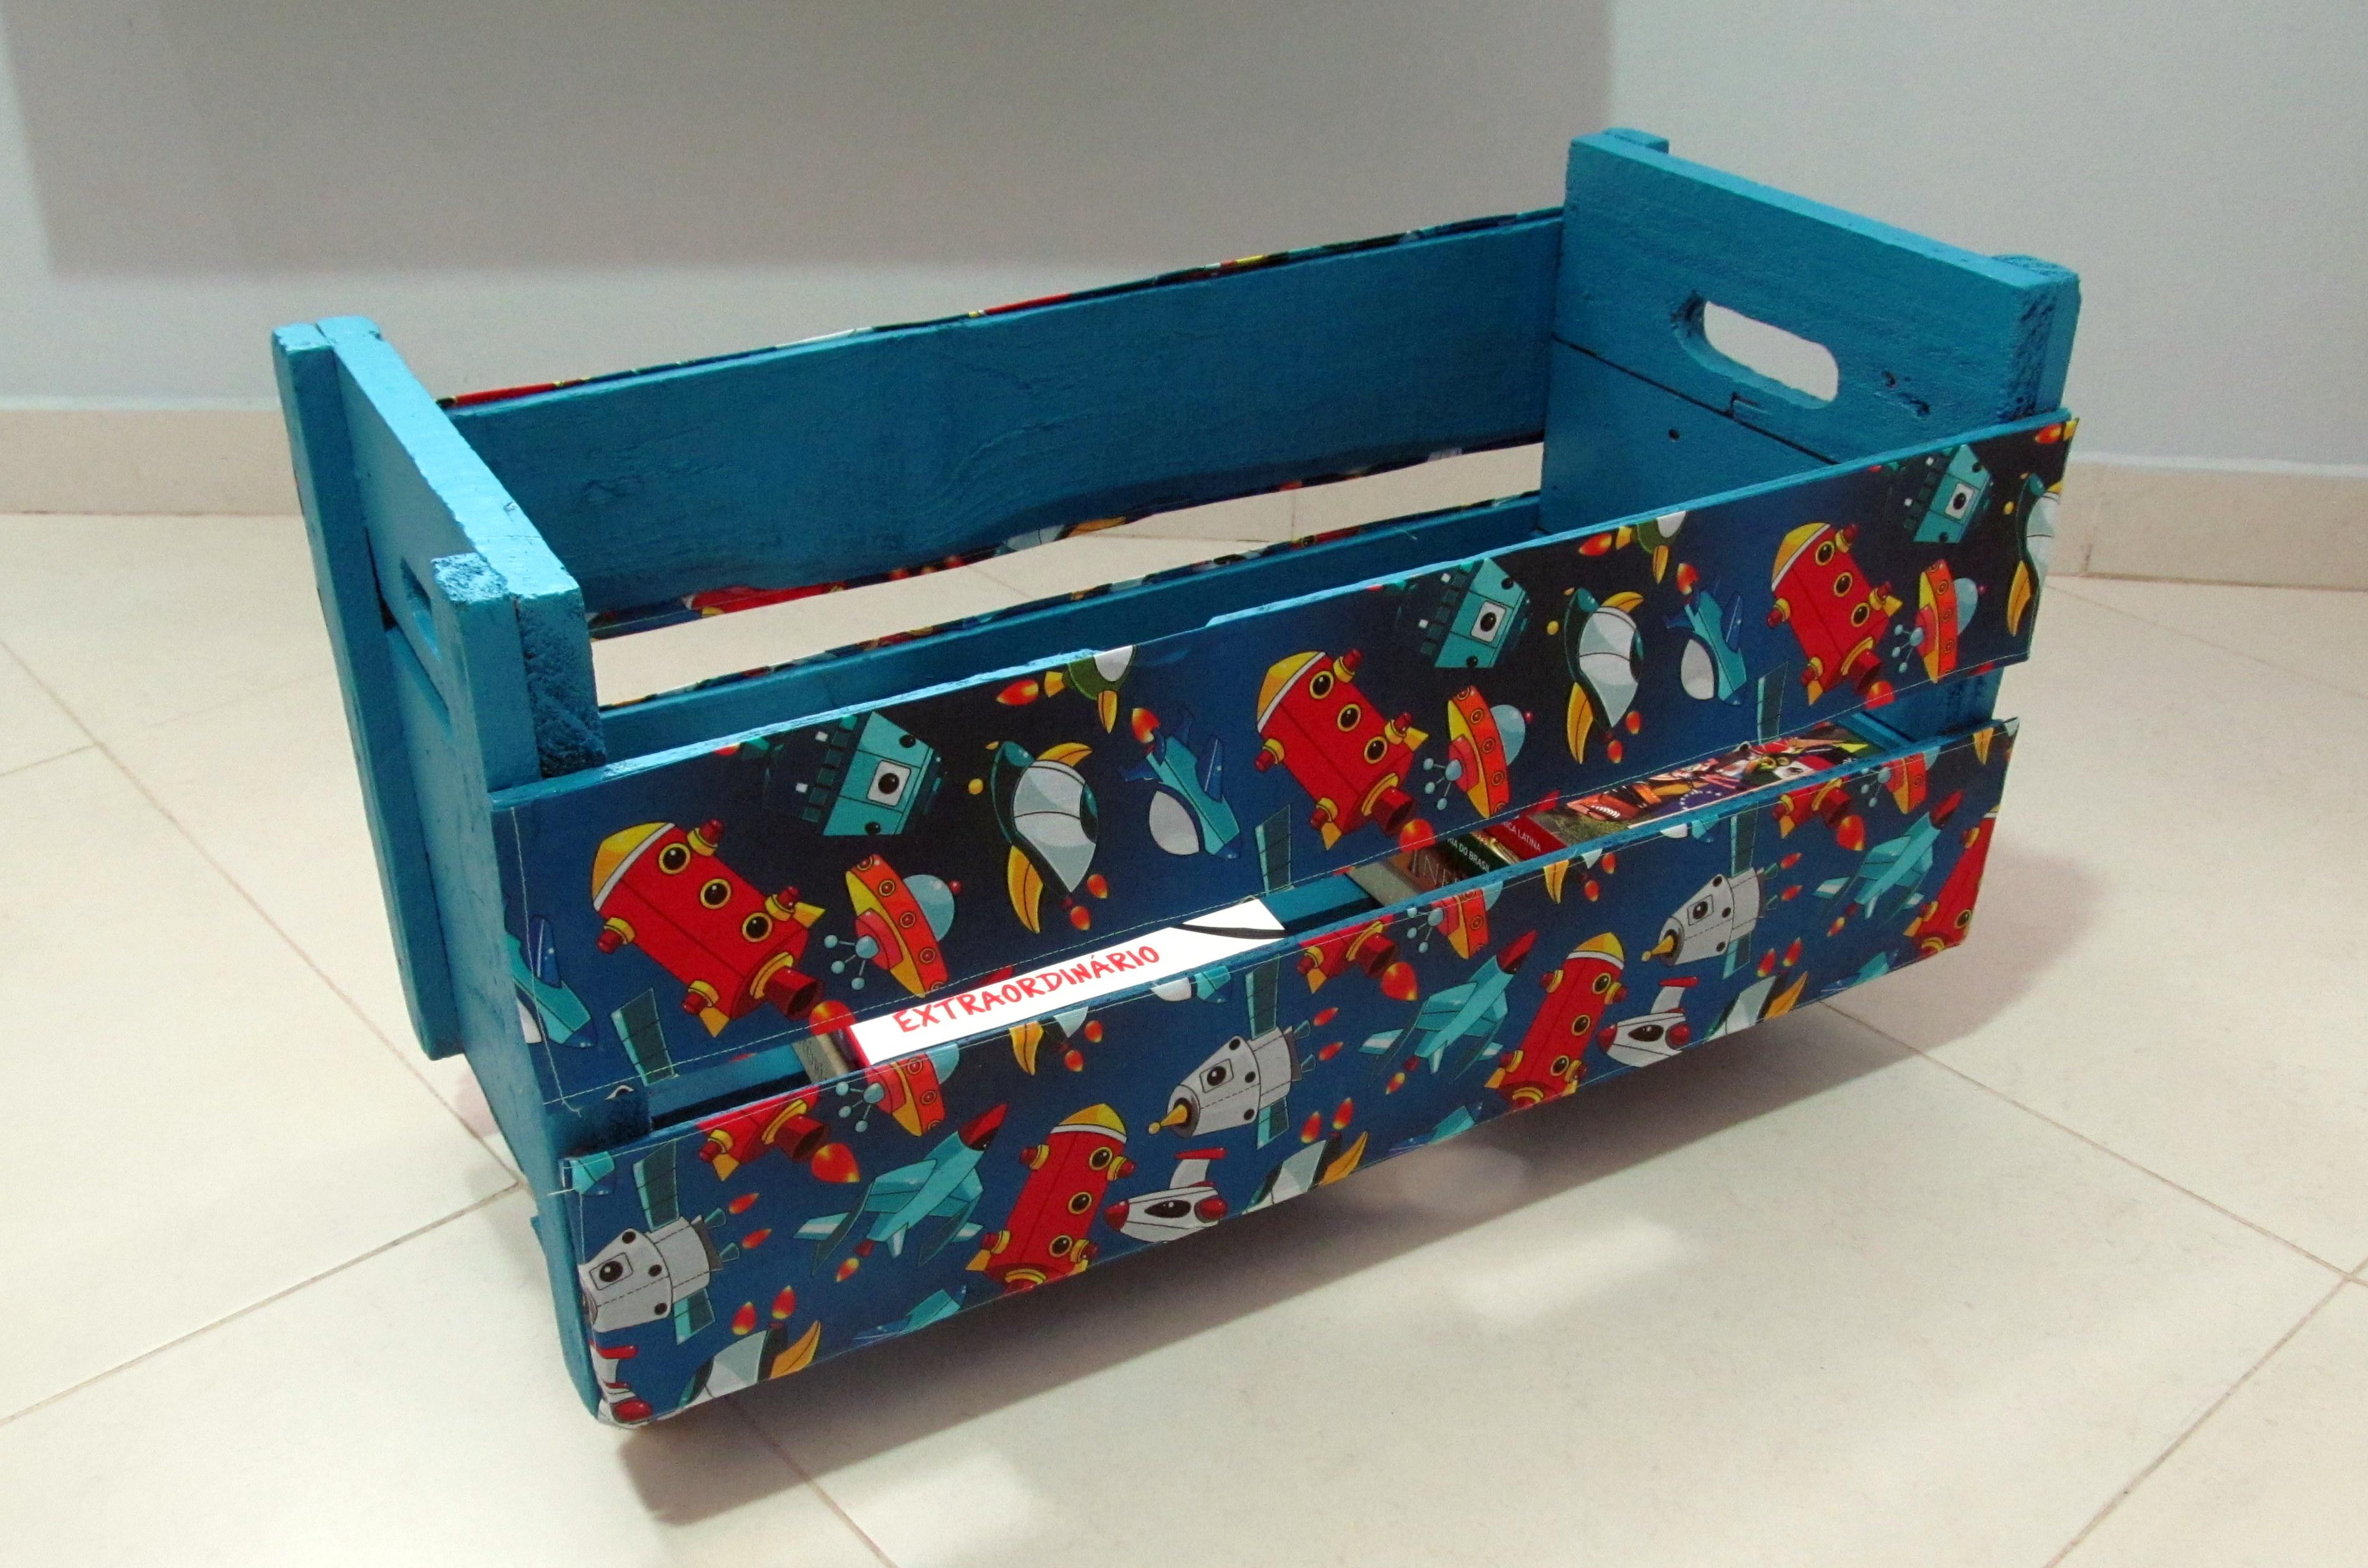 caixote decorado enfeite caixote decorado presentinho #0E455E 3800x2516